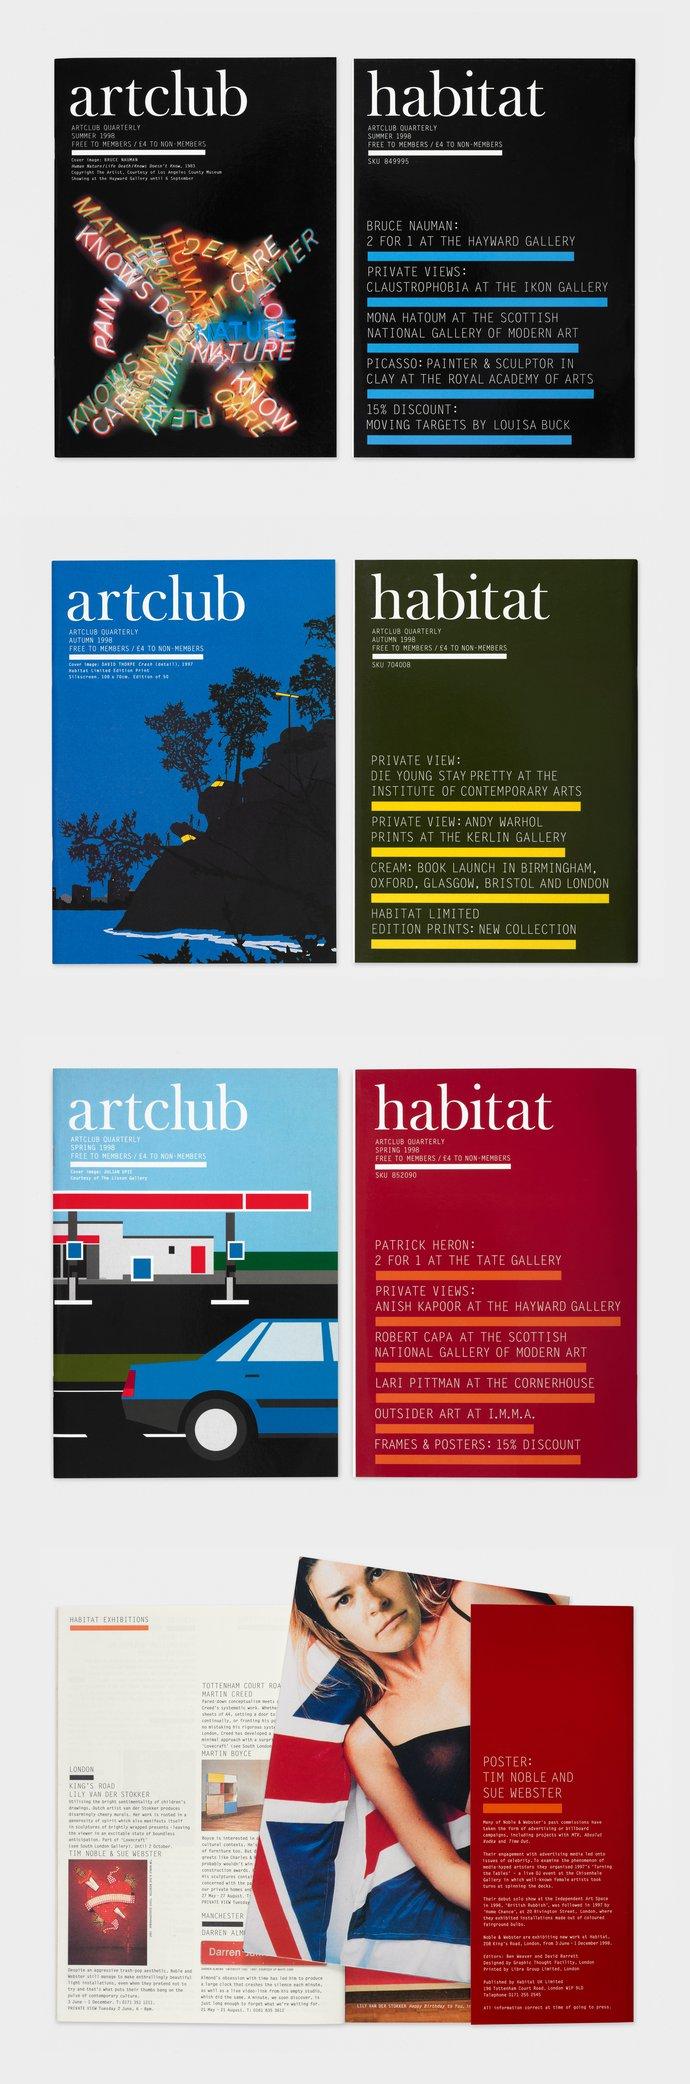 Habitat – Artclub, 1996 (Retail), image 8